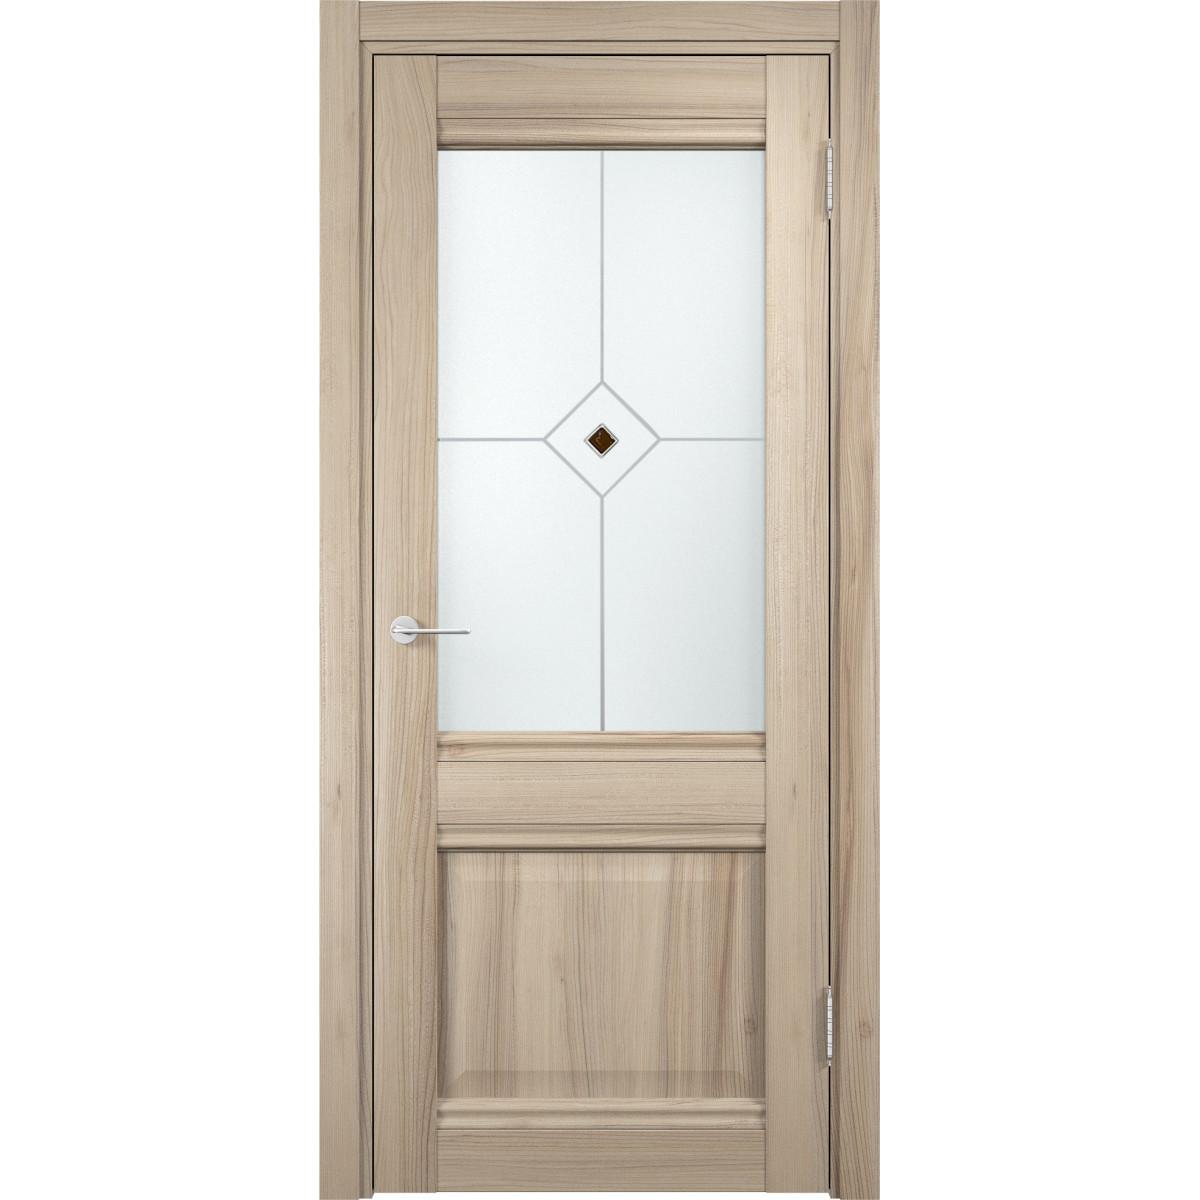 Дверное полотно Casaporte Милан МП_0170 2000х800х44 мм МДФ